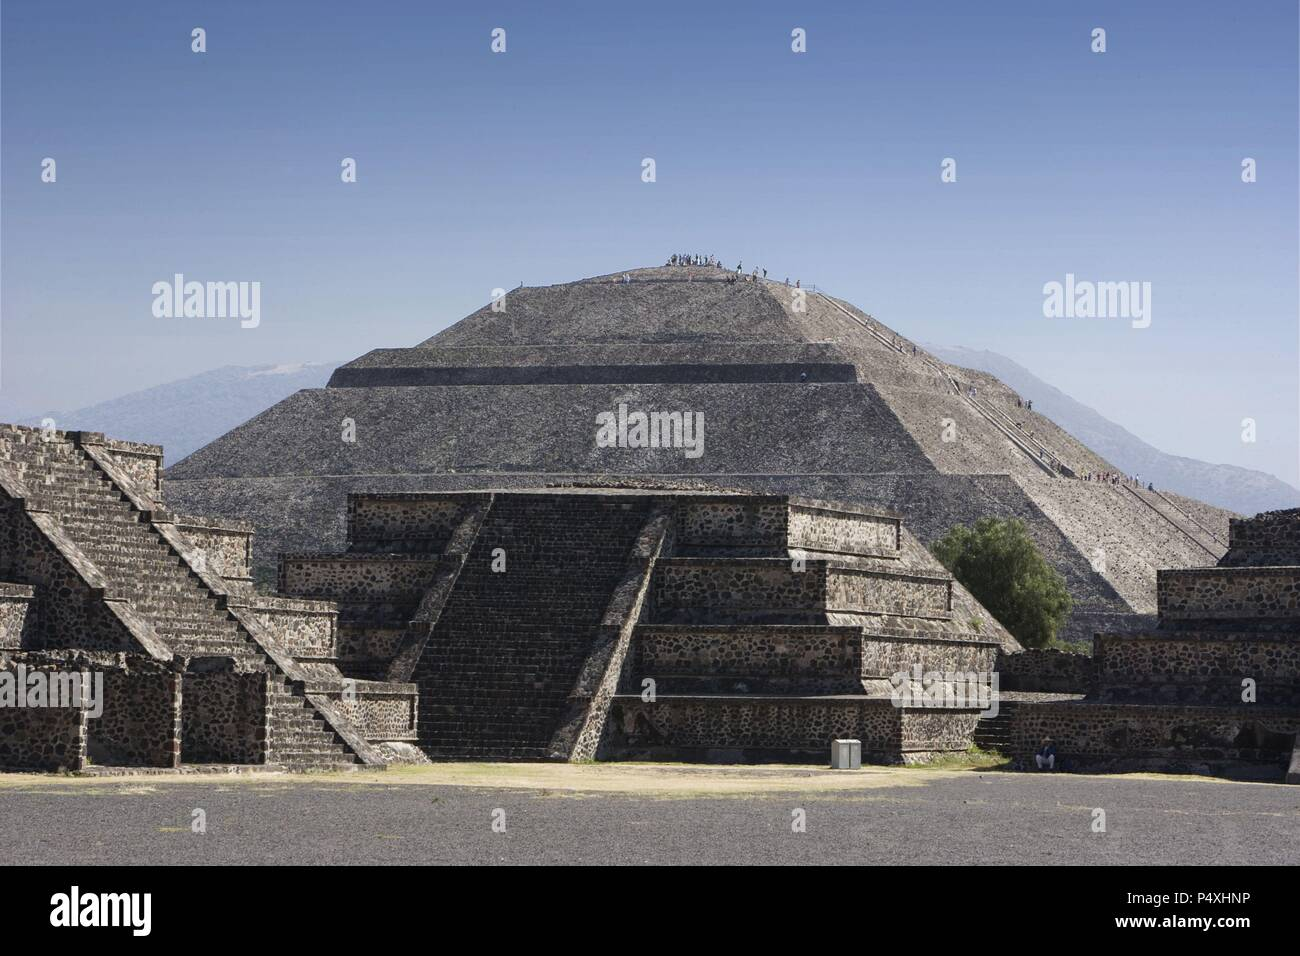 ARTE PRECOLOMBINO. MEXICO. SITIO ARQUEOLOGICO DE TEOTIHUACAN. Vista de la PIRAMIDE DEL SOL. Declarado Patrimonio de la Humanidad por la UNESCO. - Stock Image